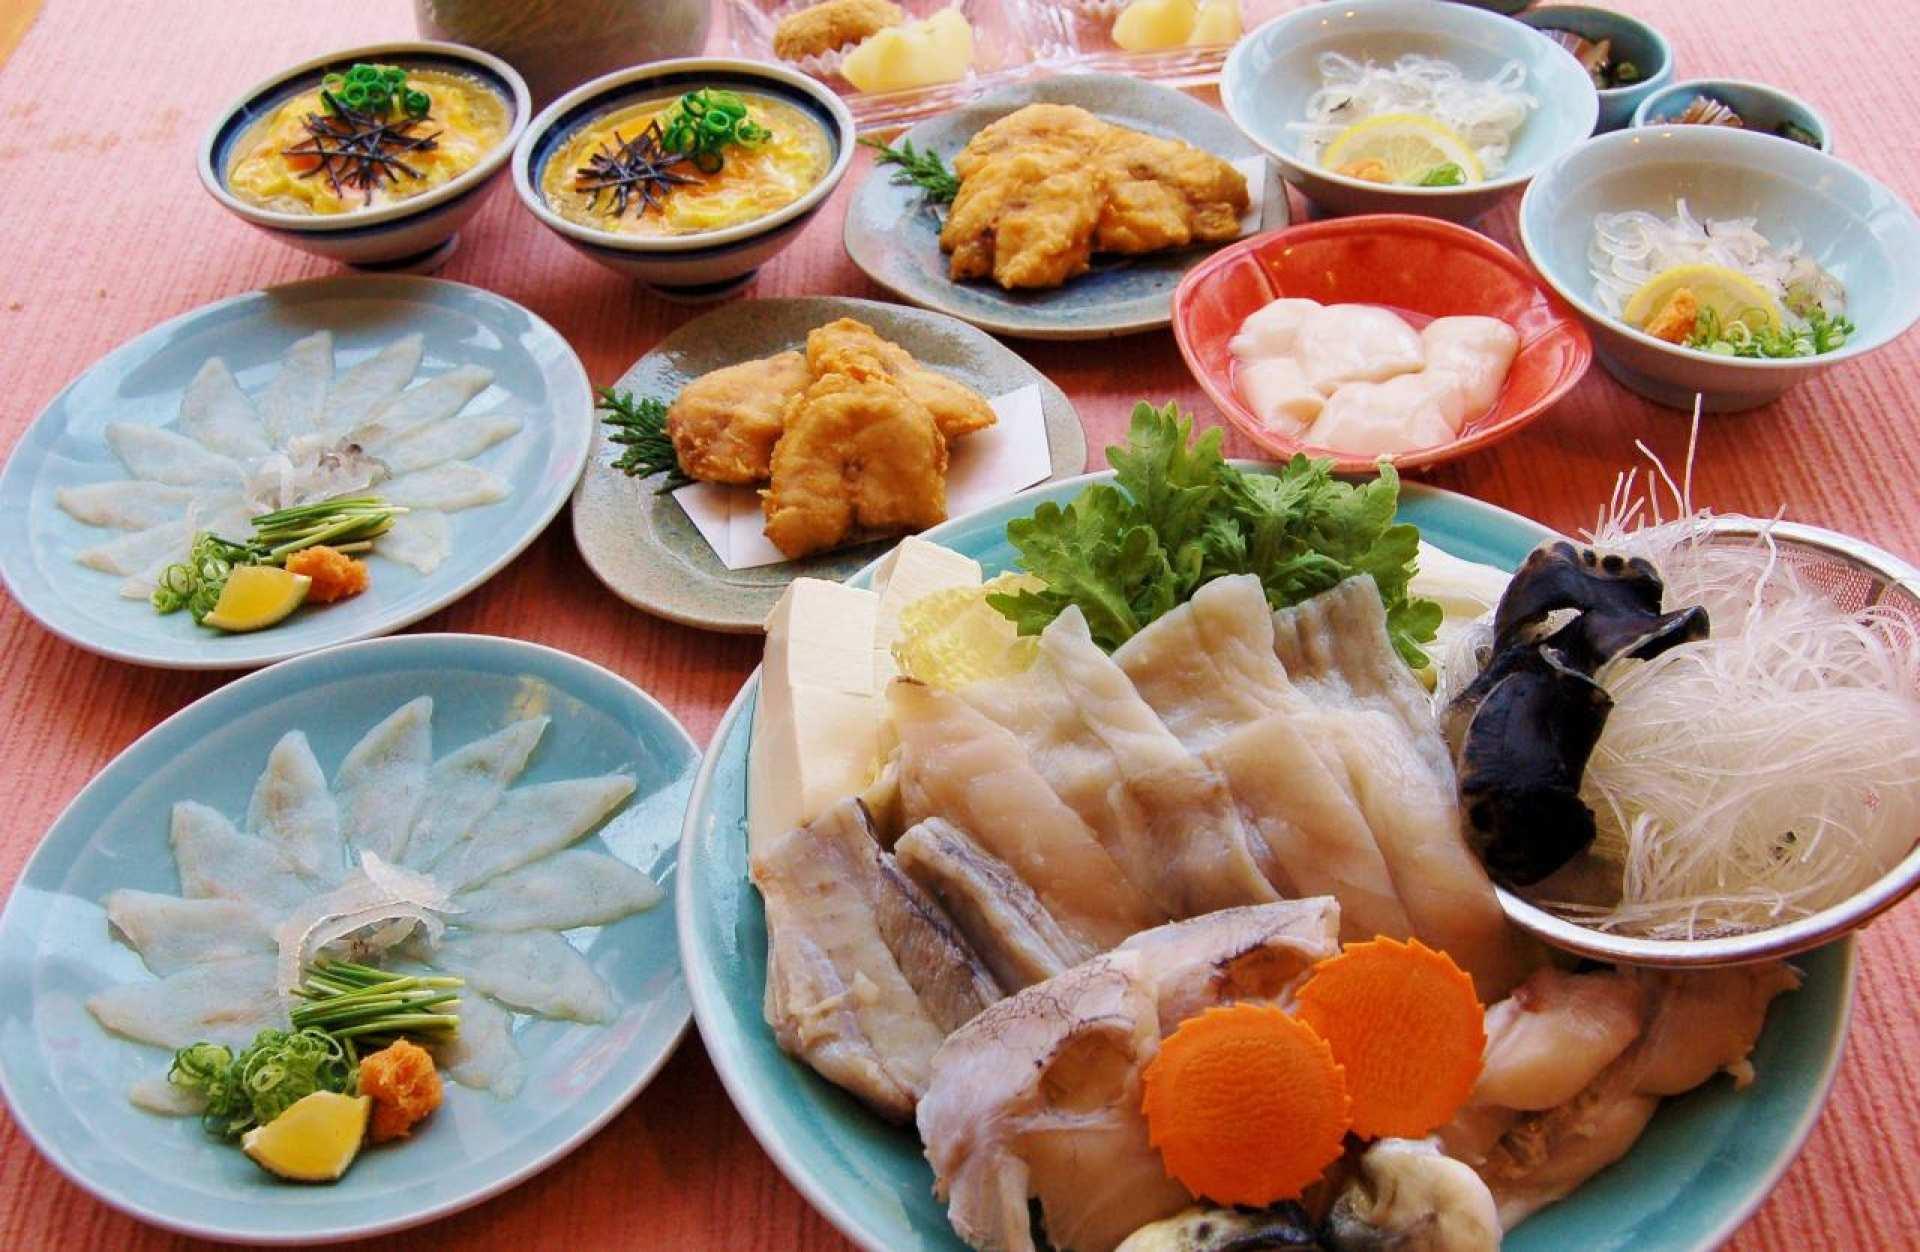 【大阪美食】難波美食・河豚餐廳治兵衛 道頓堀店